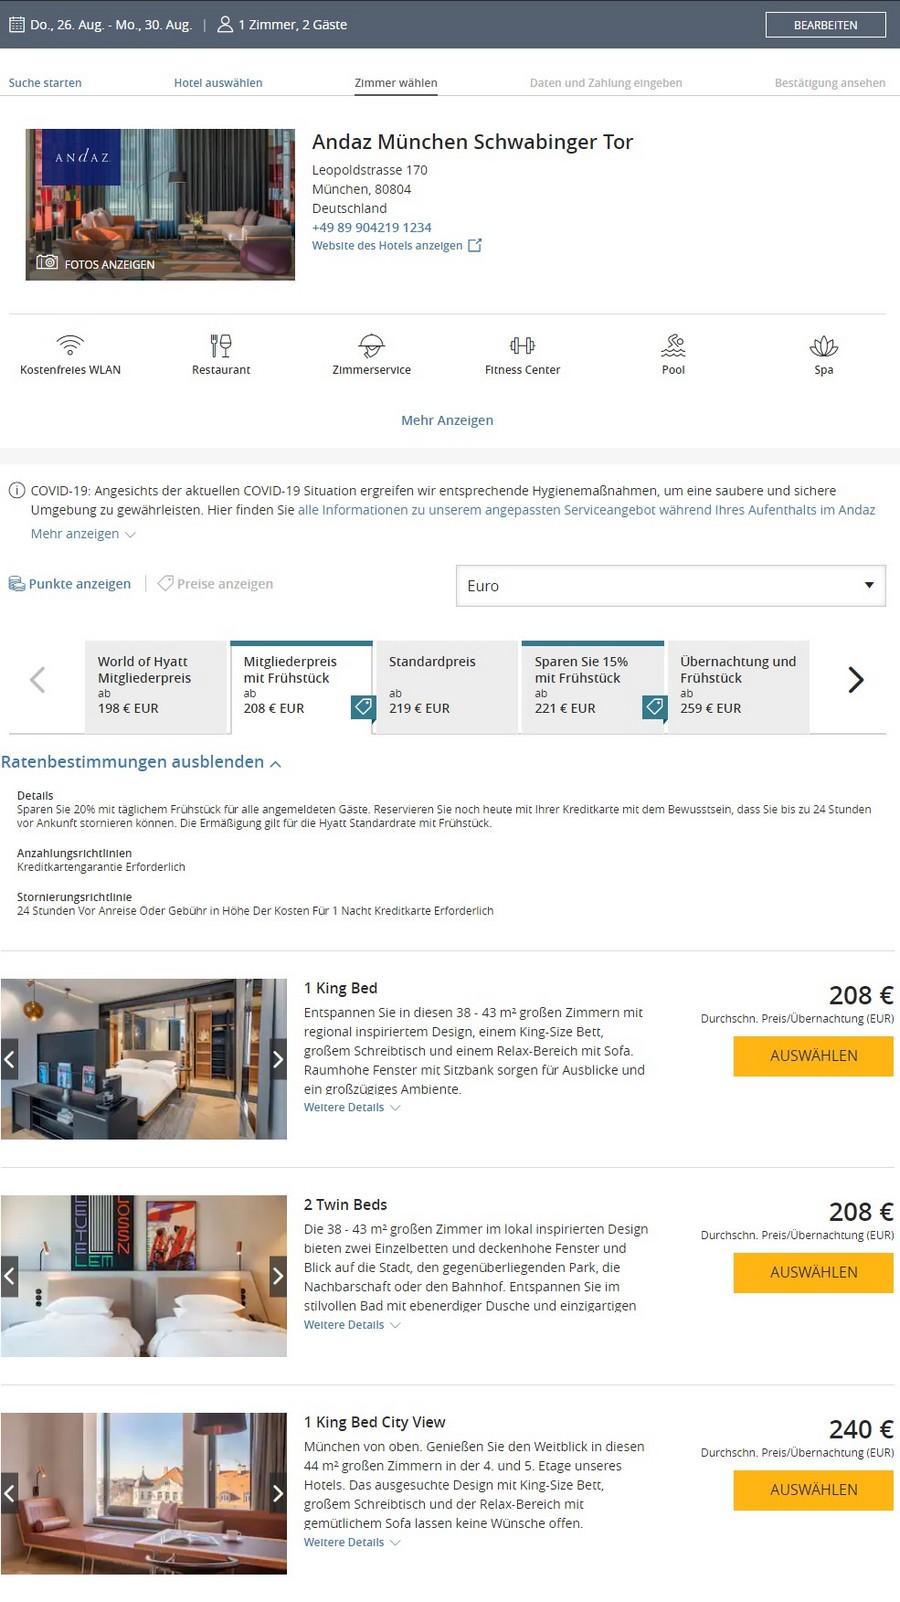 Preisbeispiel des Hyatt Angebot für Aufenthalte bis 30.09.2021 im Andaz Müchen